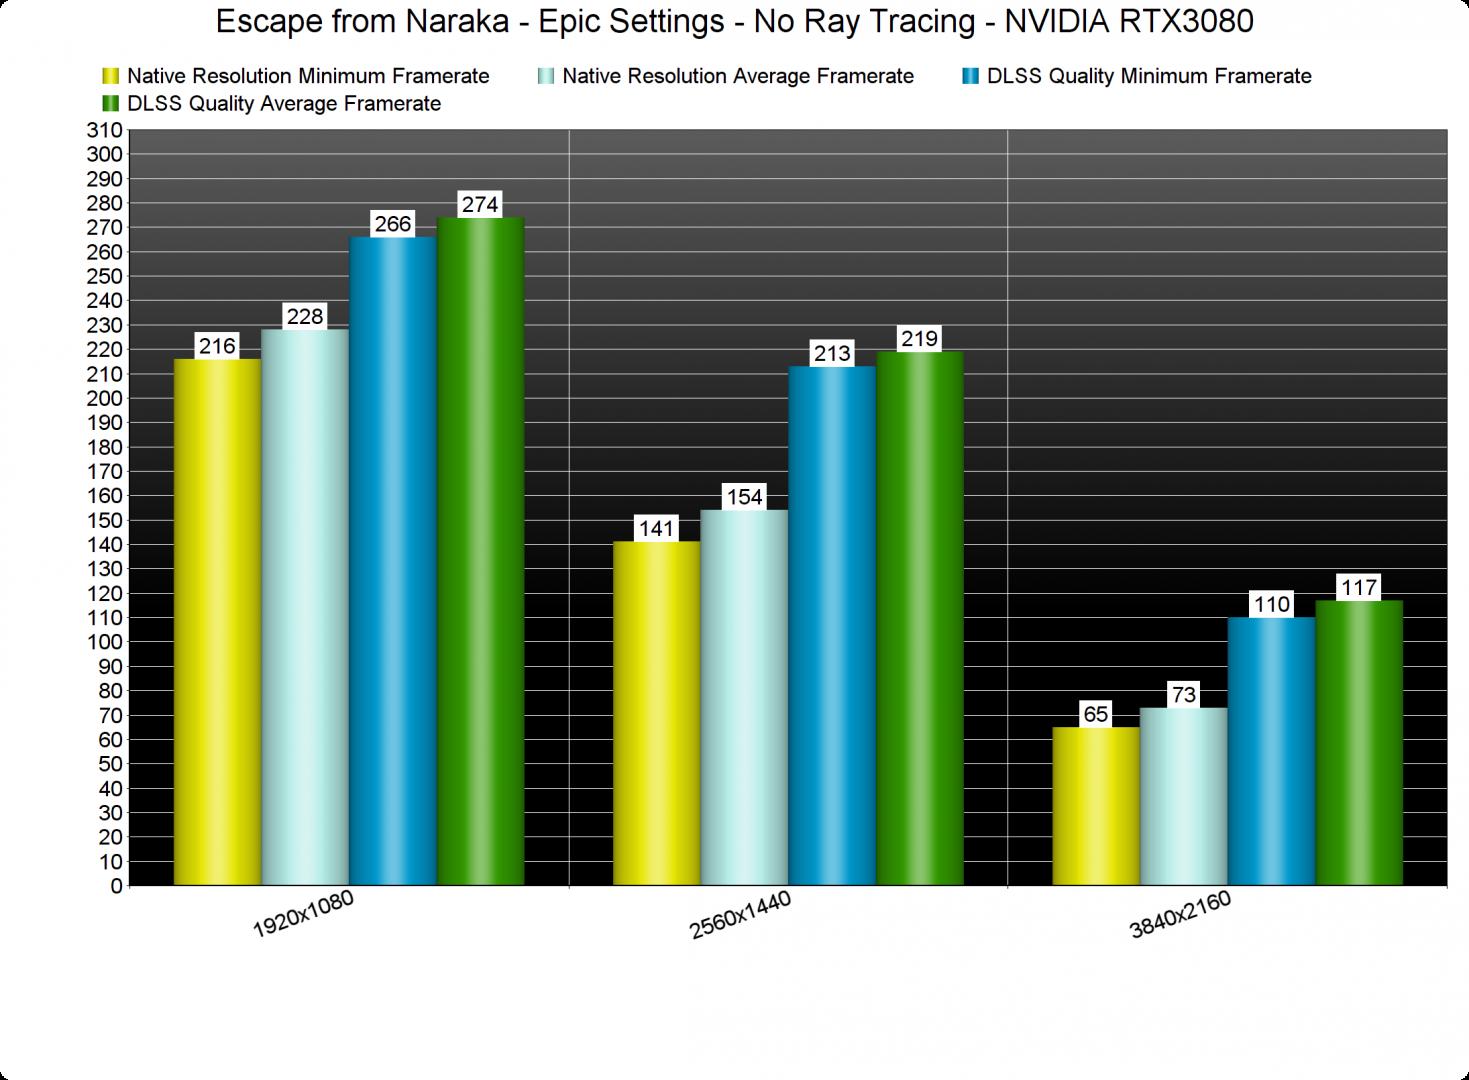 Escape from Naraka DLSS benchmarks